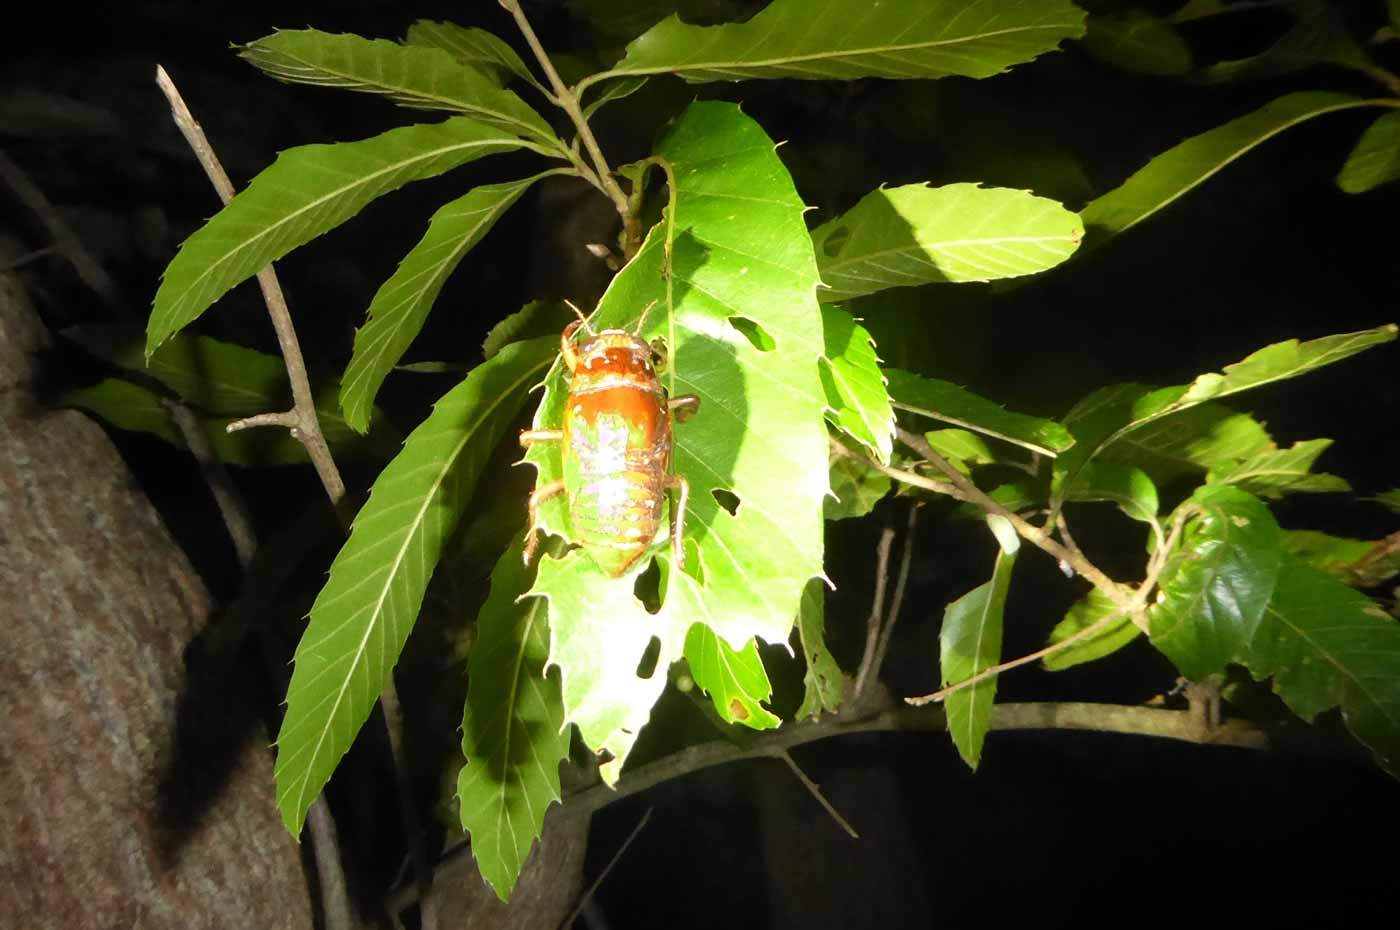 クワガタ採集ツアー セミの幼虫